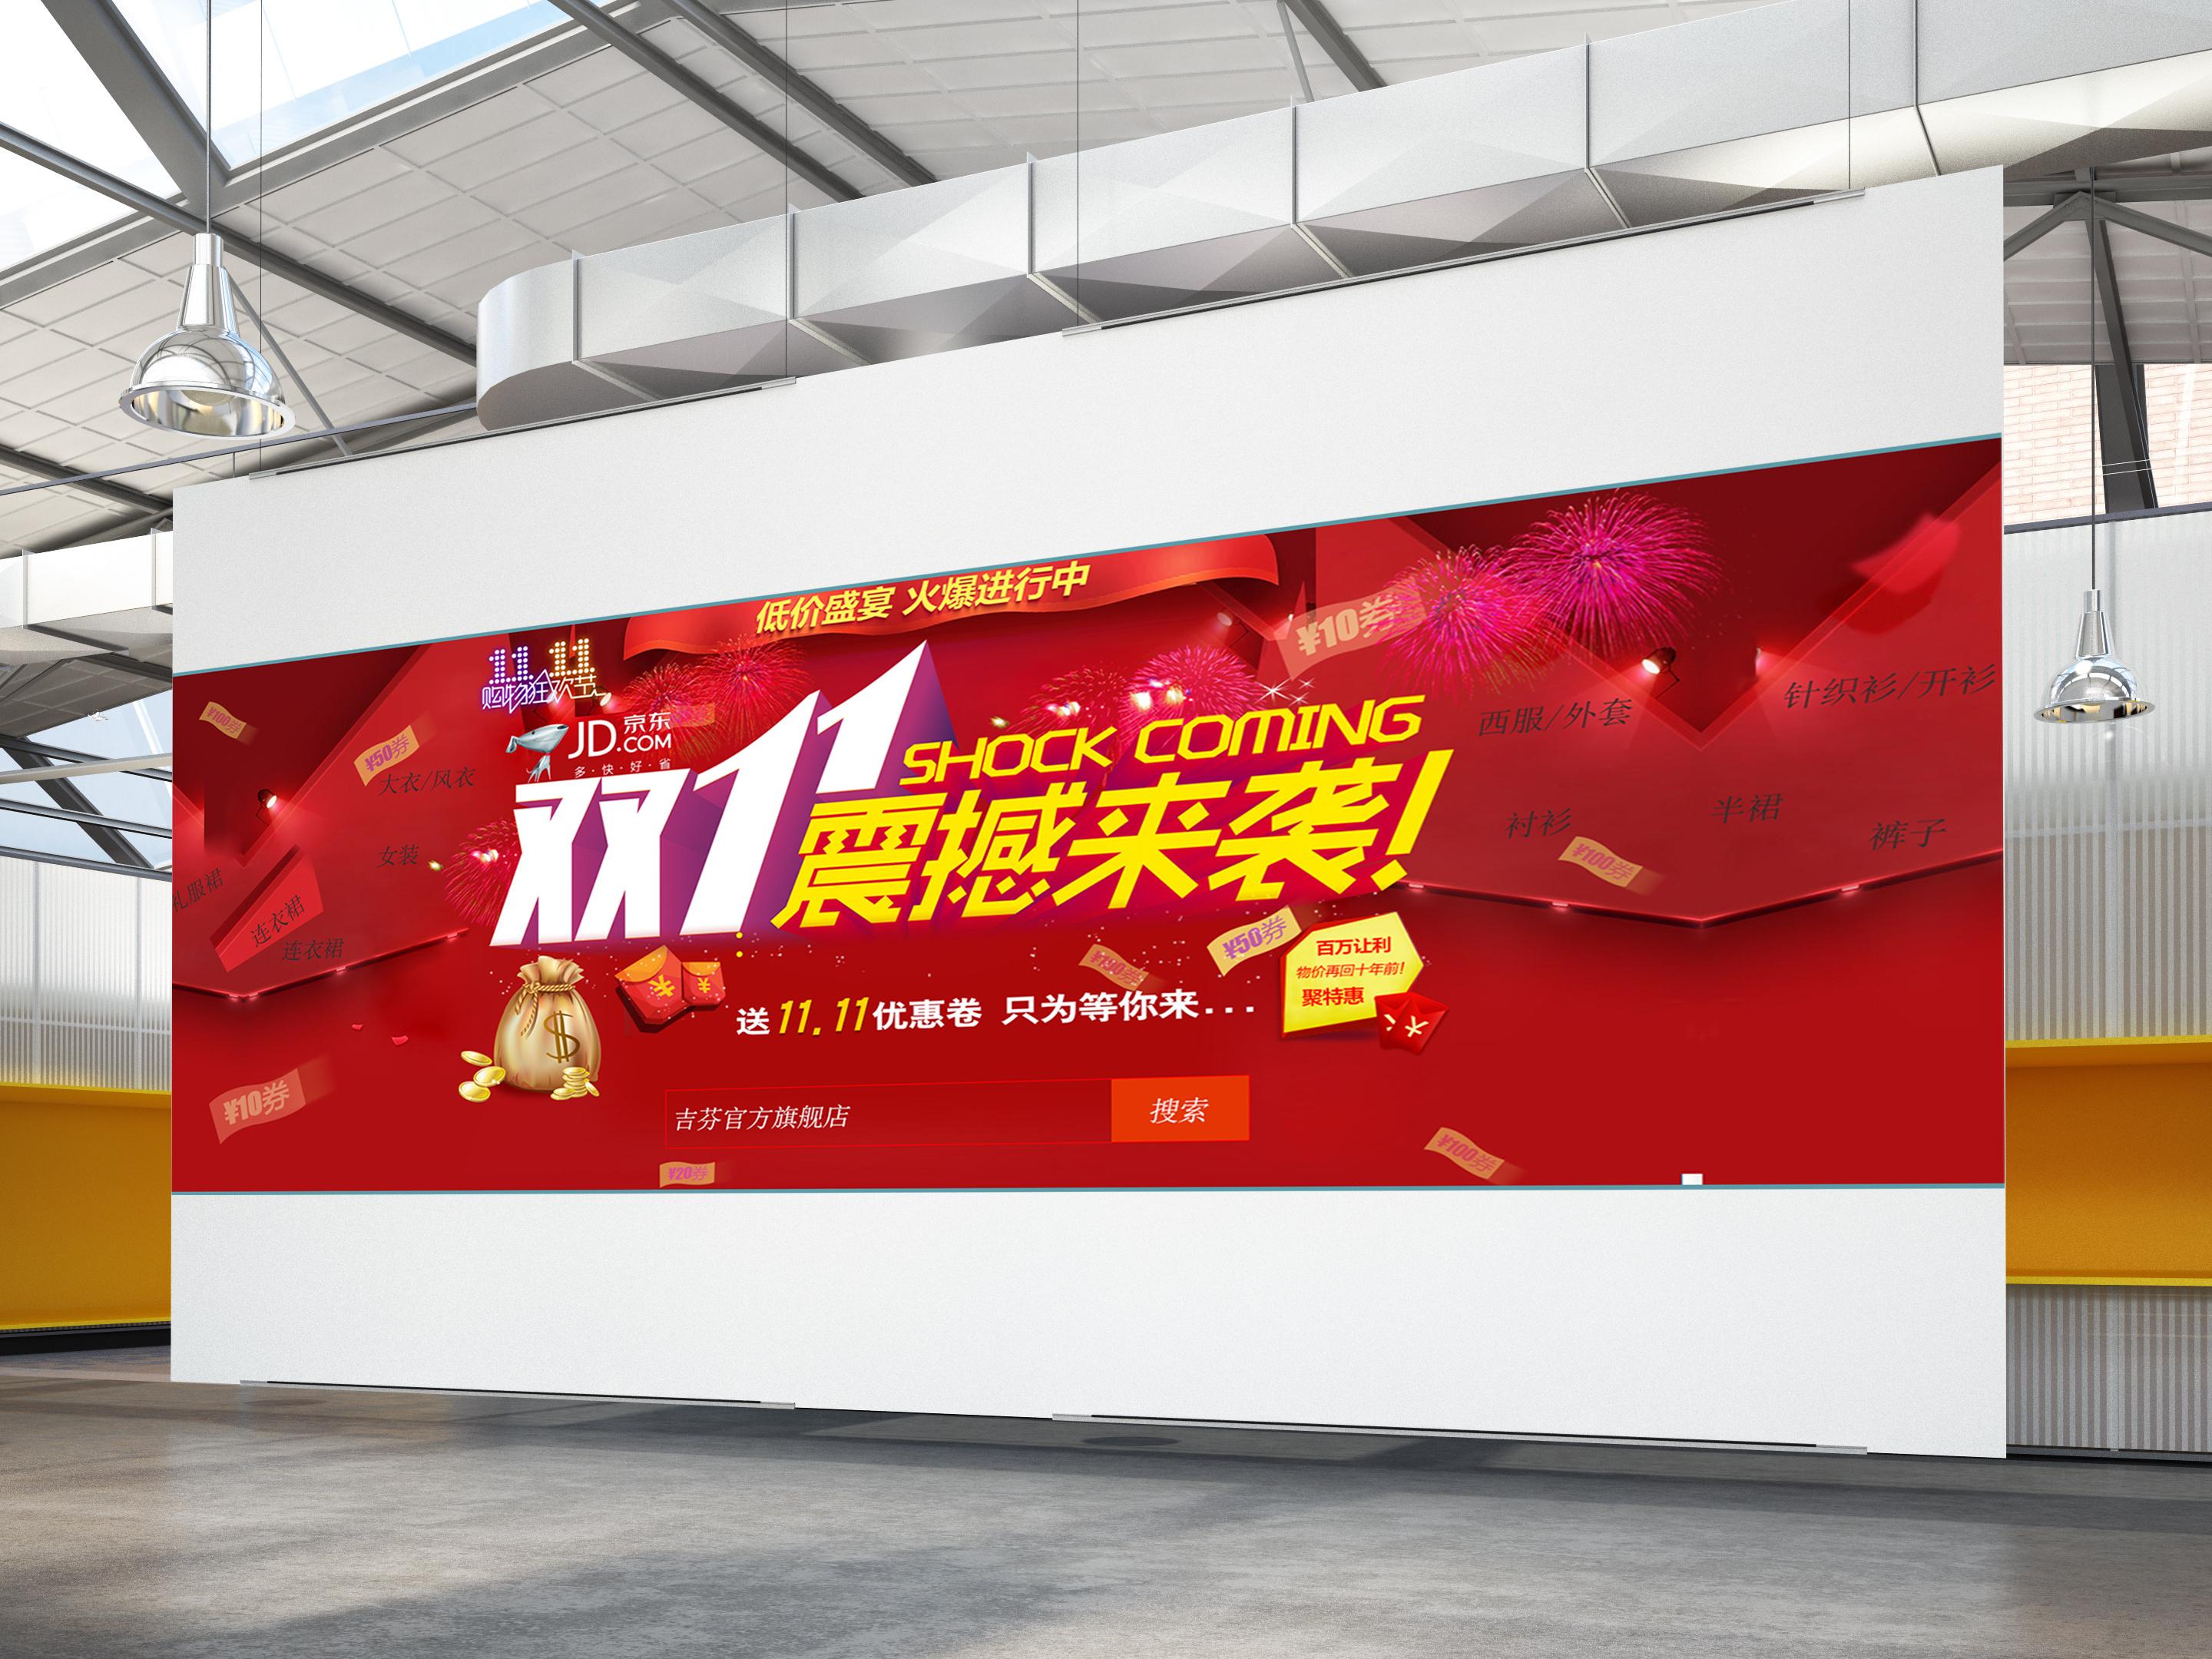 京东地铁海报效果图|网页|banner/广告图|smallmango